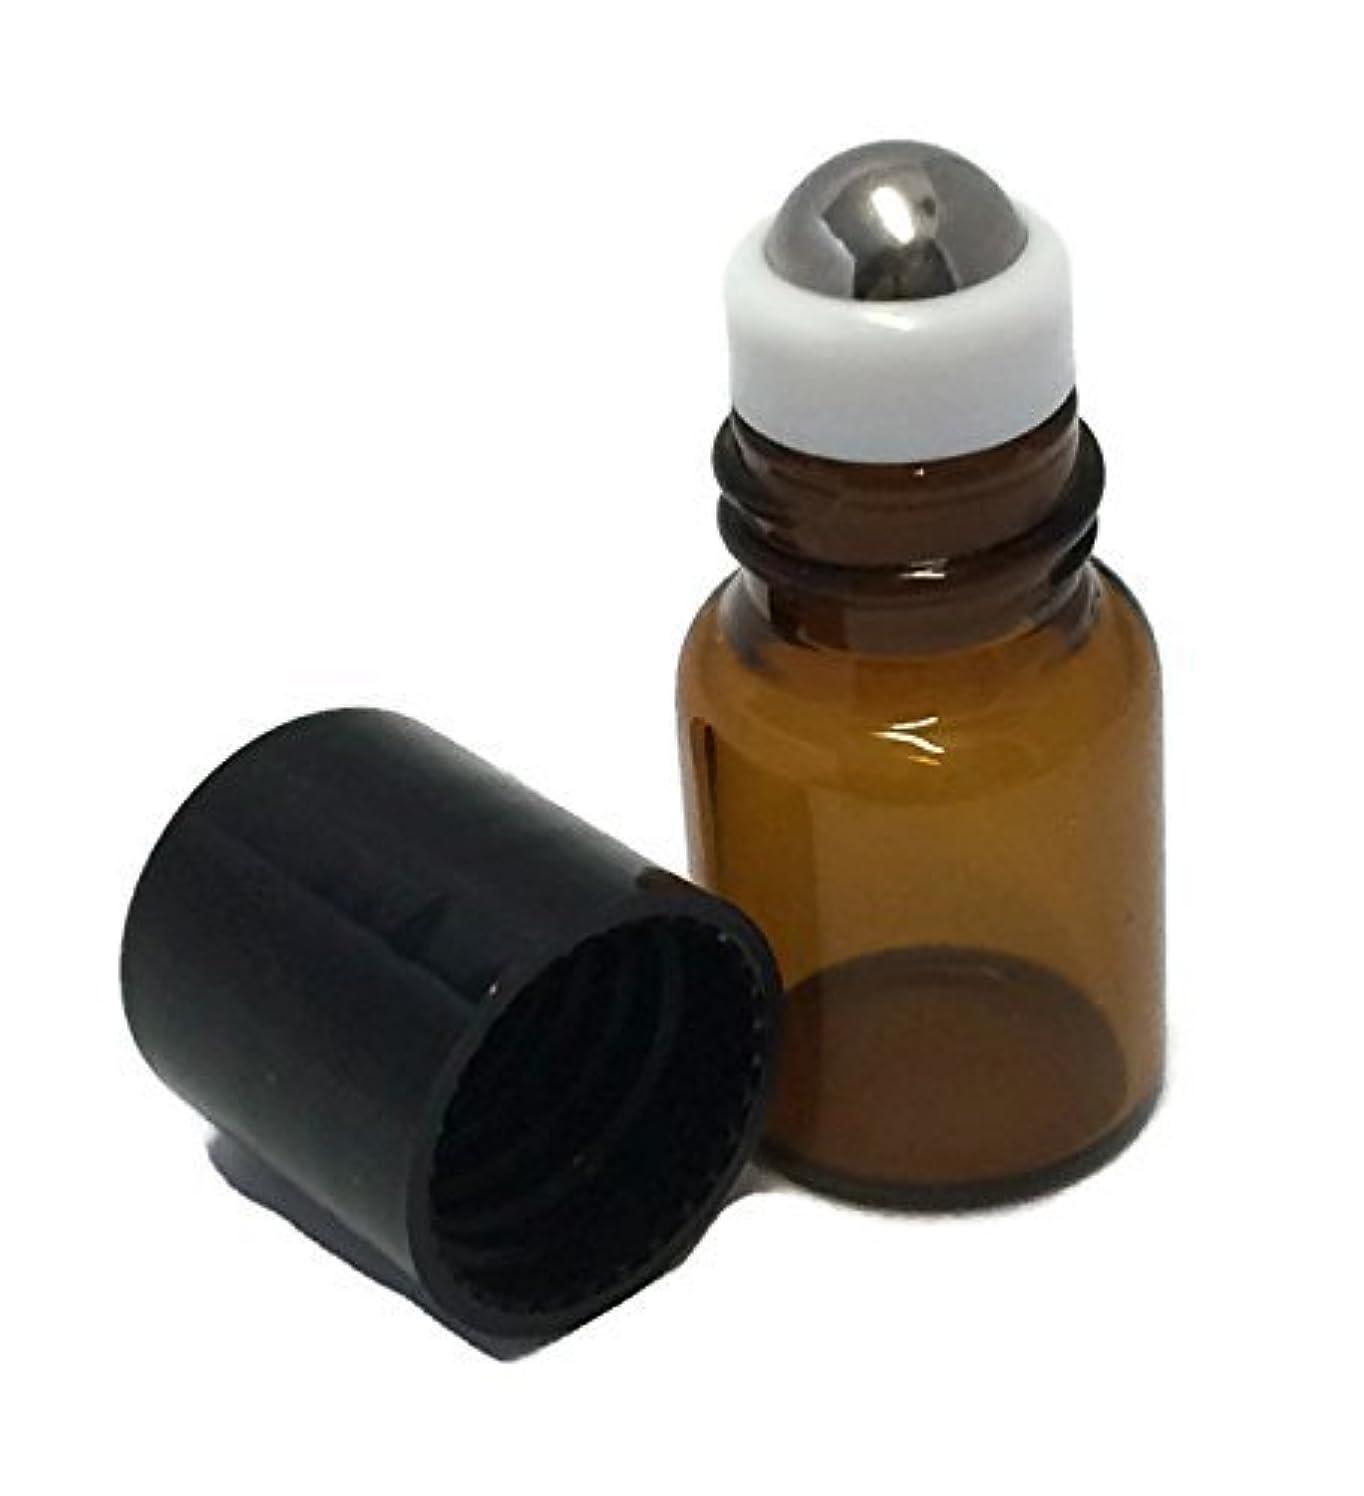 フォルダ火炎歩行者USA 144 Amber Glass 2 ml, 5/8 Dram Mini Roll-On Glass Bottles with Stainless Steel Roller Balls - Refillable Aromatherapy...